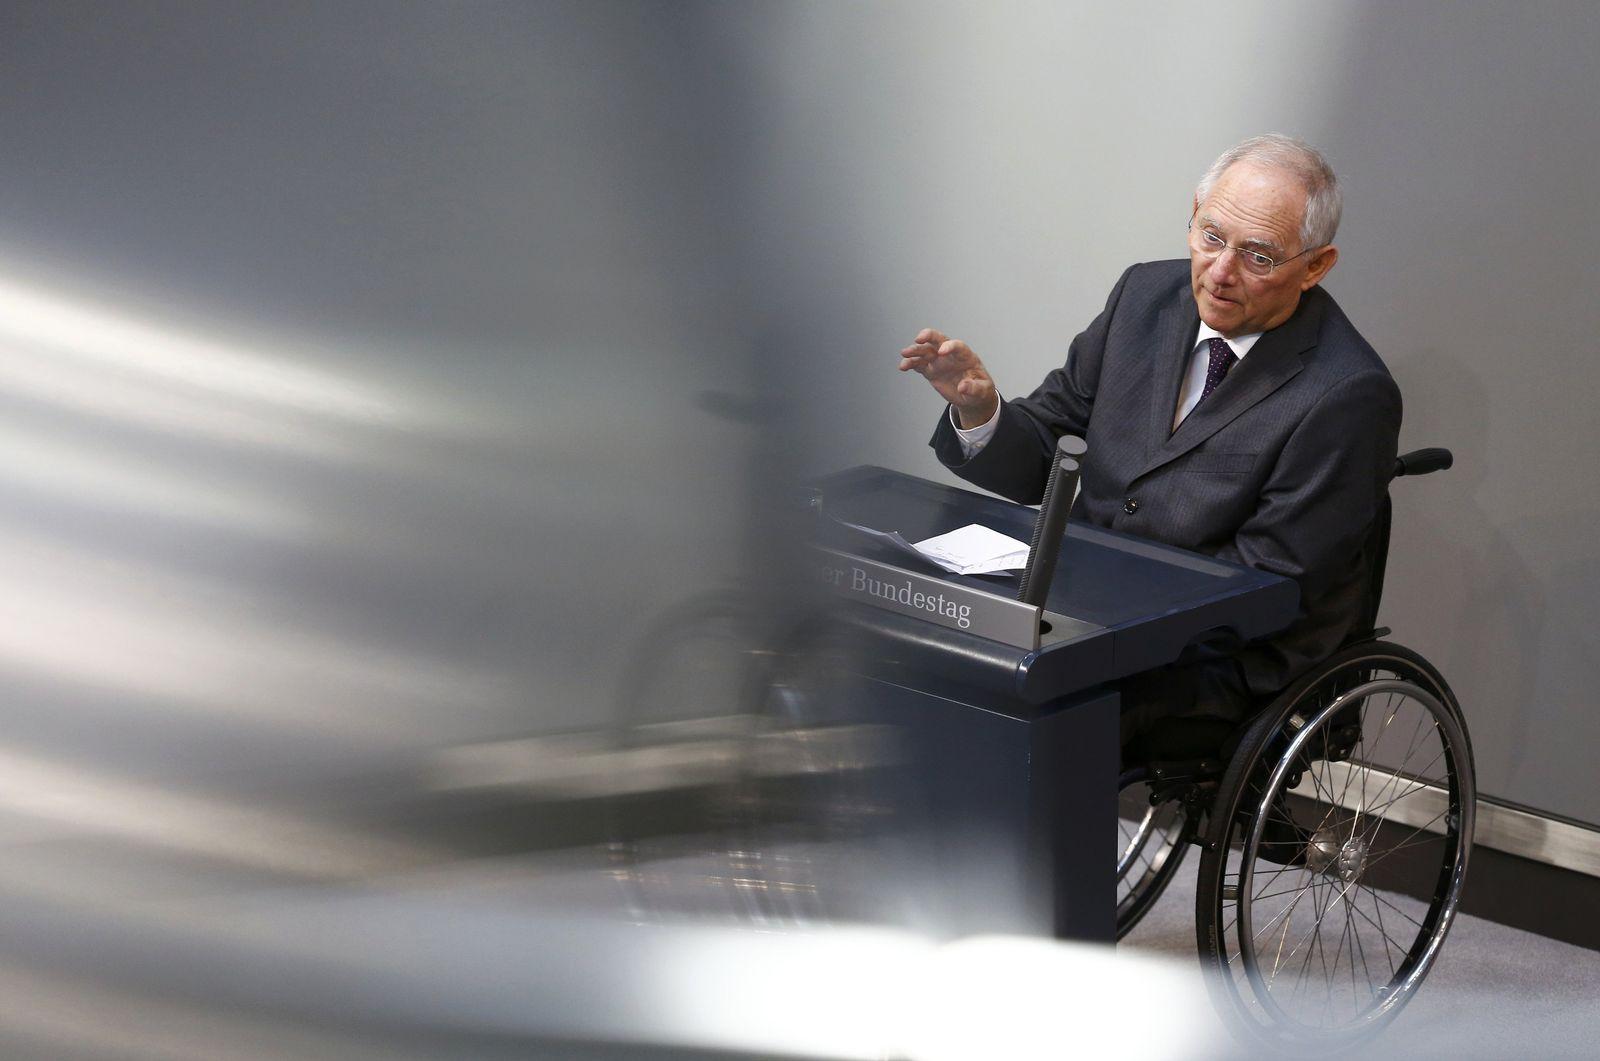 Schäuble / Bundestag